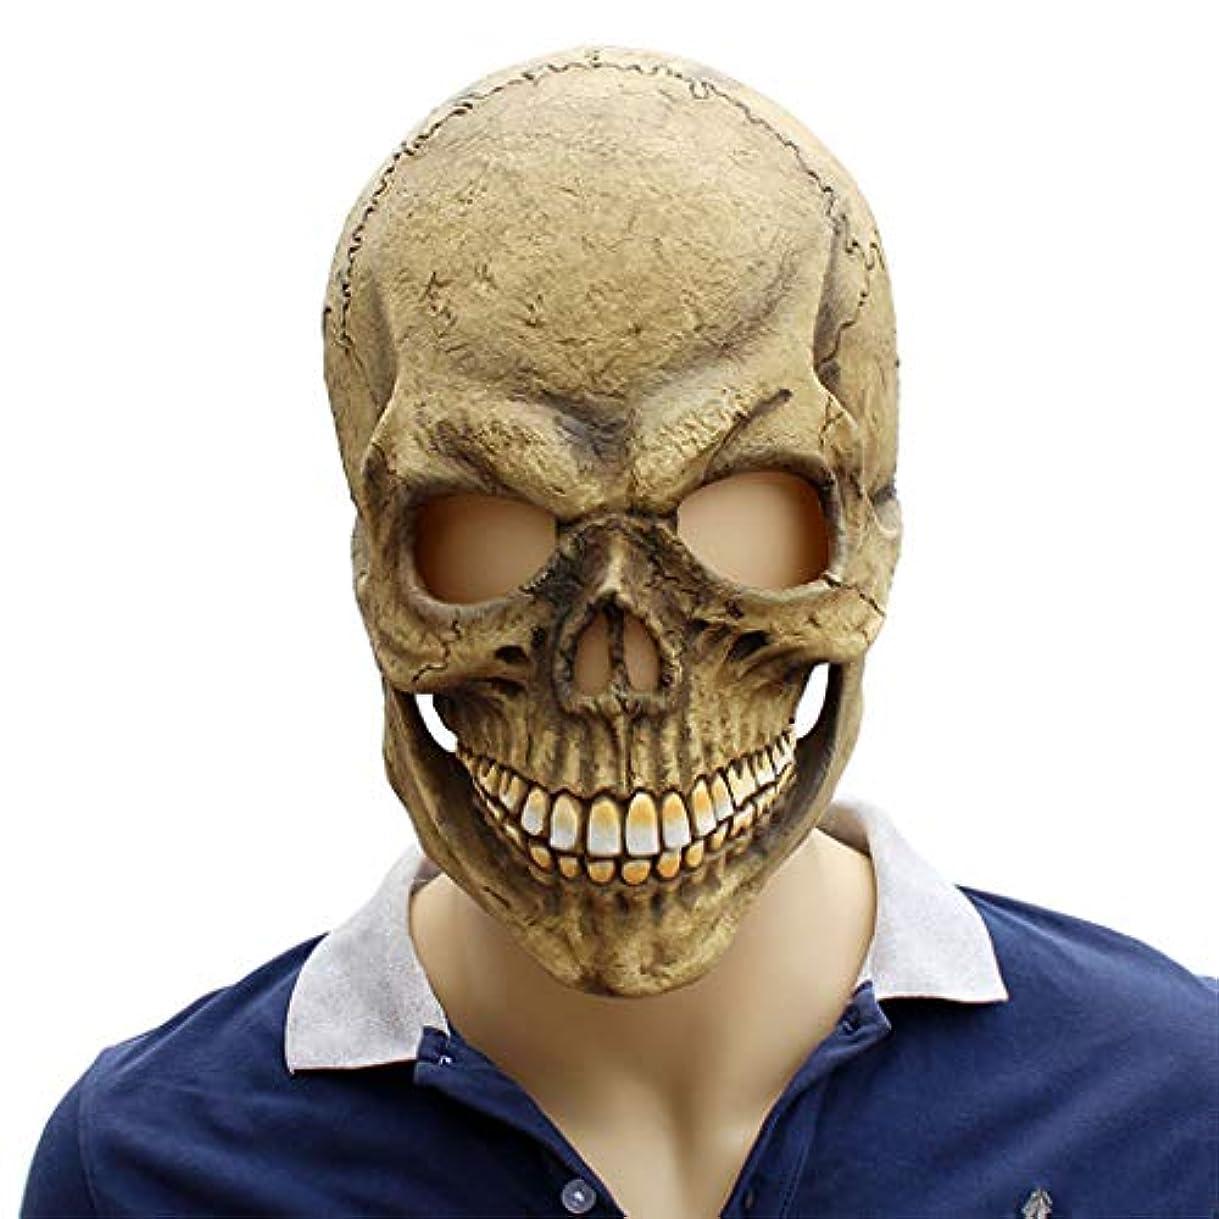 意外慣れる玉ねぎハロウィンラテックスヘッドギア太郎マスクお化け屋敷秘密の部屋テロ小道具シャドースリラーアイテム